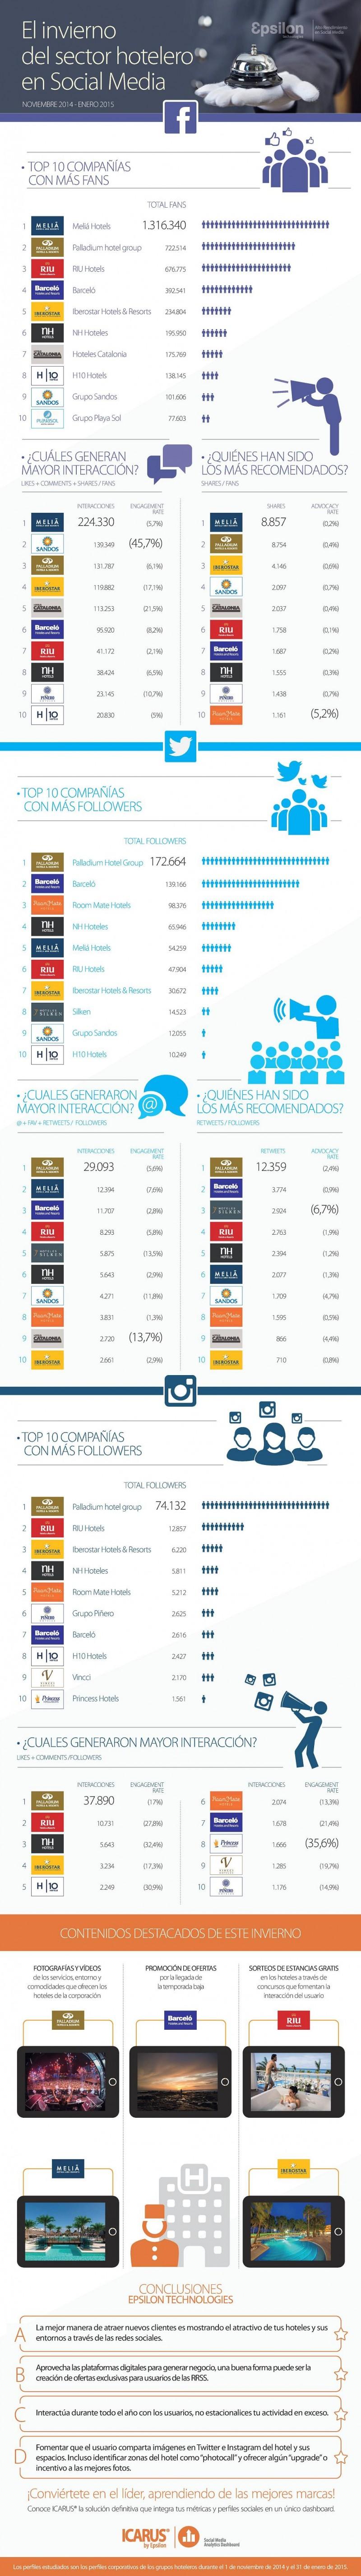 Infografia-hoteles-cadenas-RRSS-Epsilontec